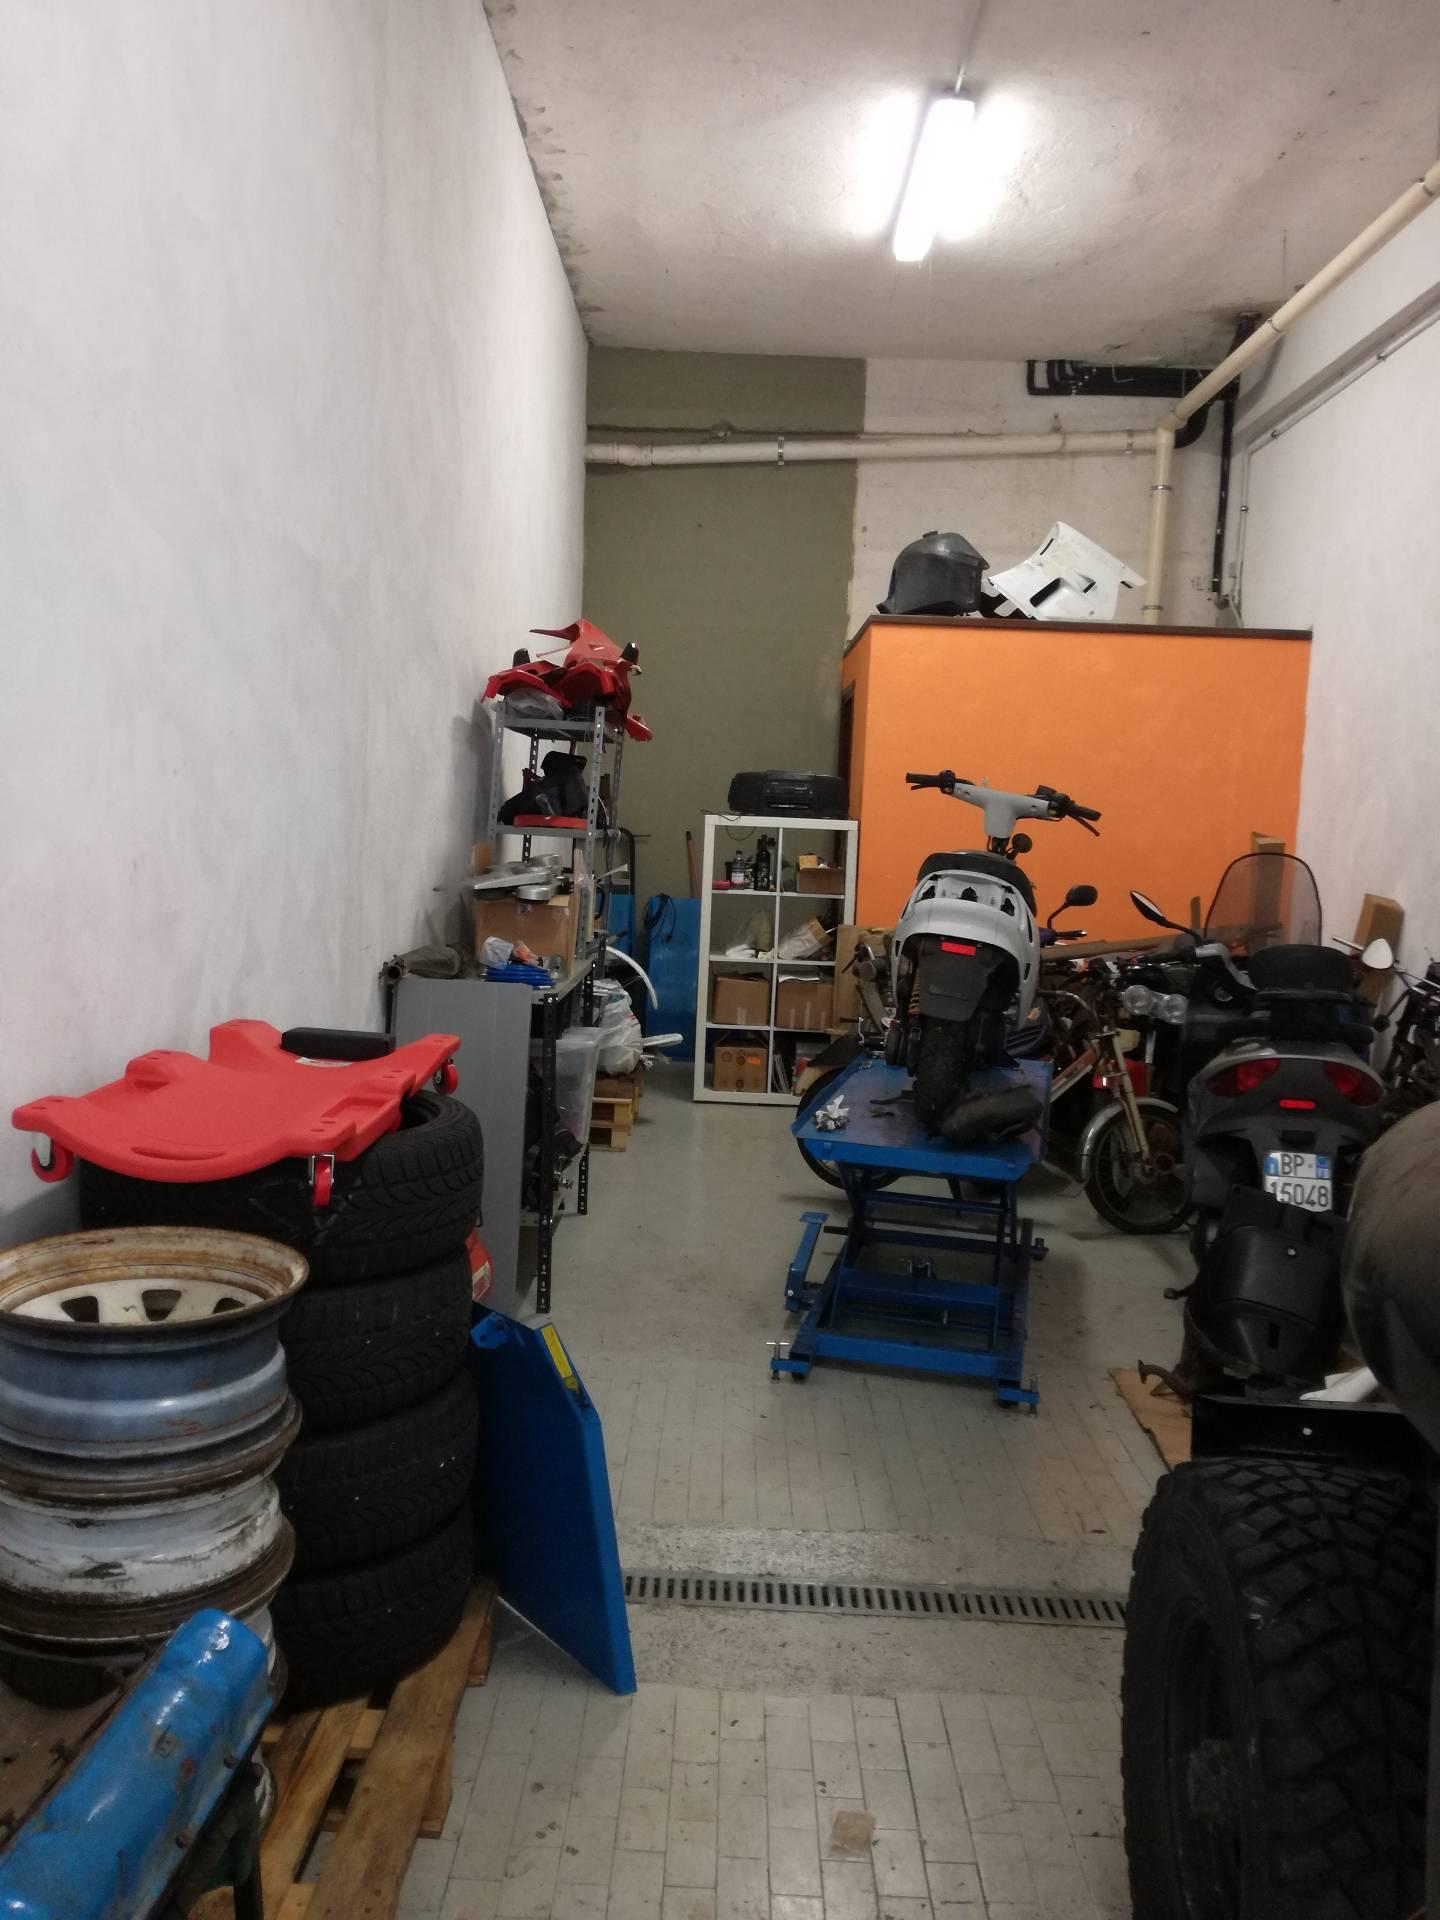 Negozio / Locale in vendita a Verbania, 9999 locali, zona Zona: Intra, prezzo € 50.000 | CambioCasa.it